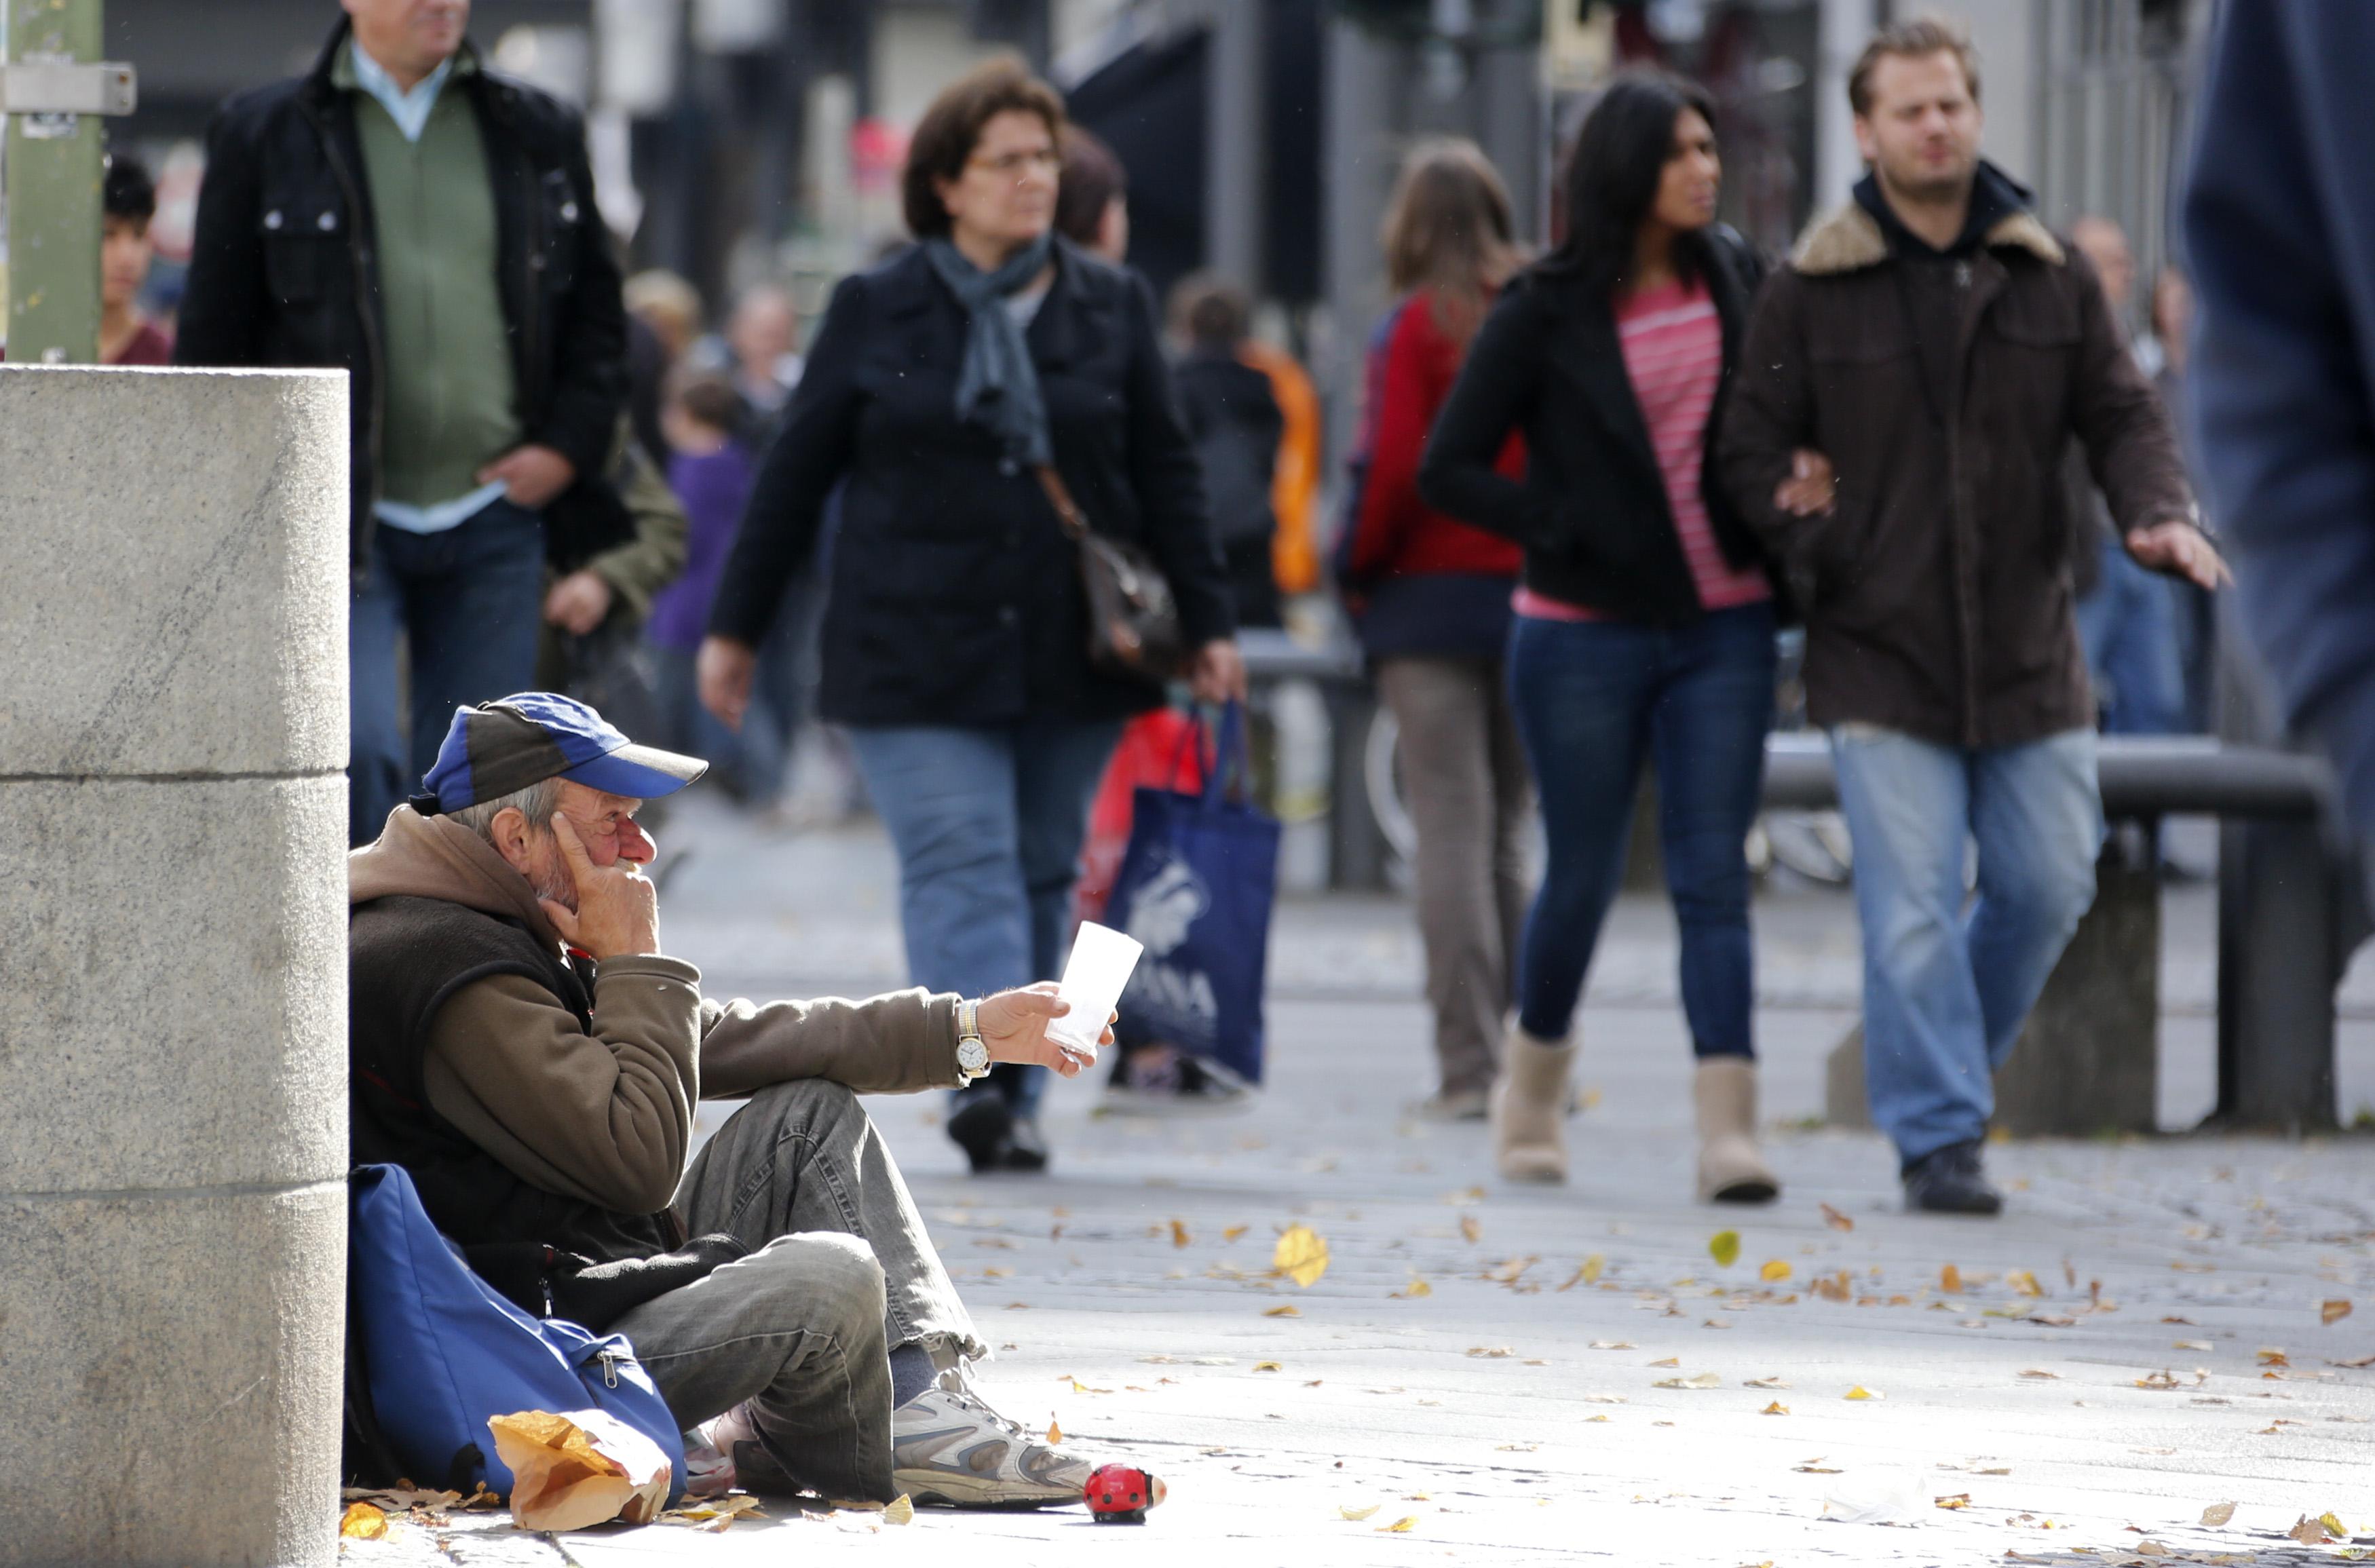 Almanya'da her 5 kişiden biri yoksulluk riskiyle karşı karşıya